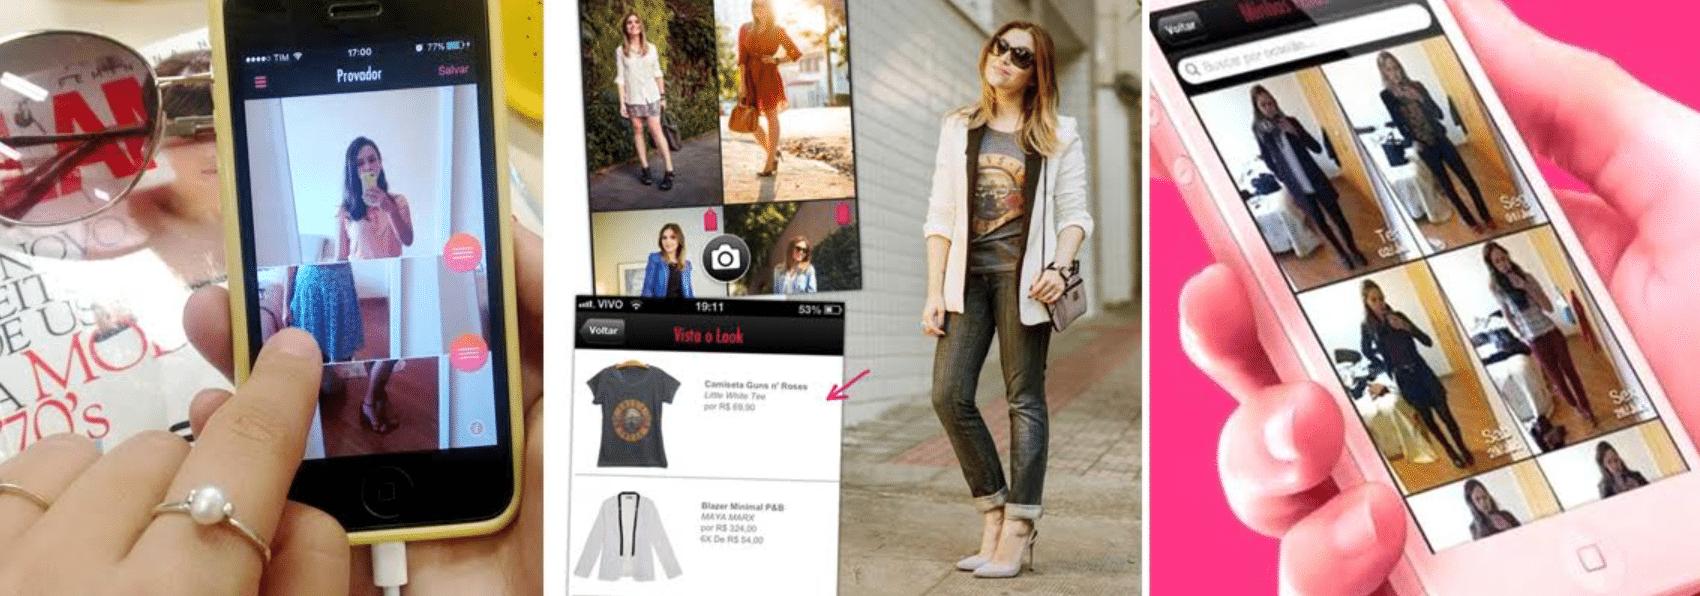 imagens de pessoas usando o aplicativo de moda modait